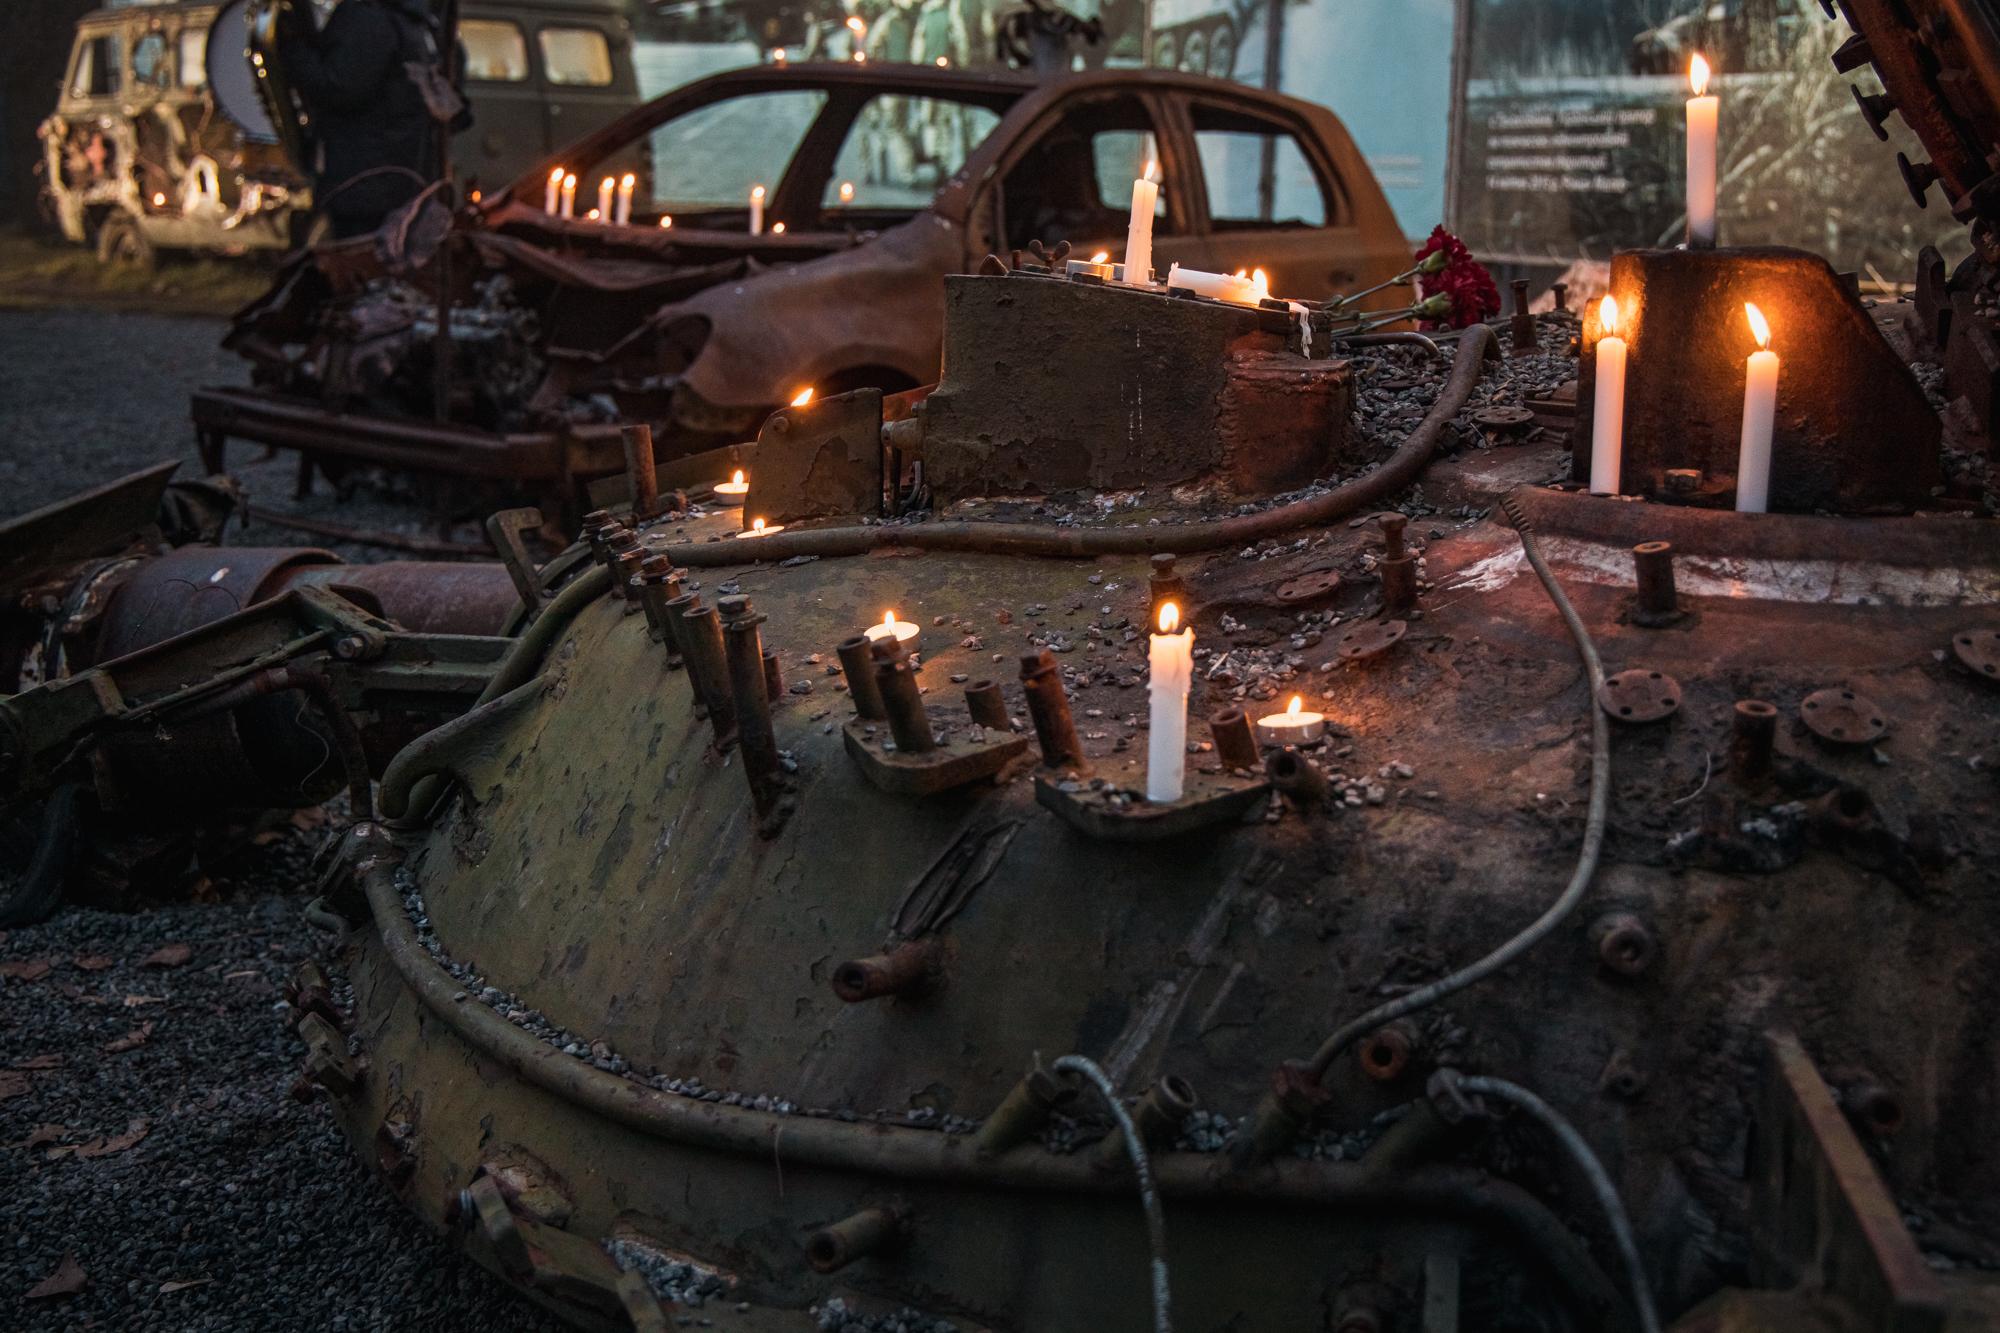 Свічки запалили на і на техніці, яка є експонатами музею